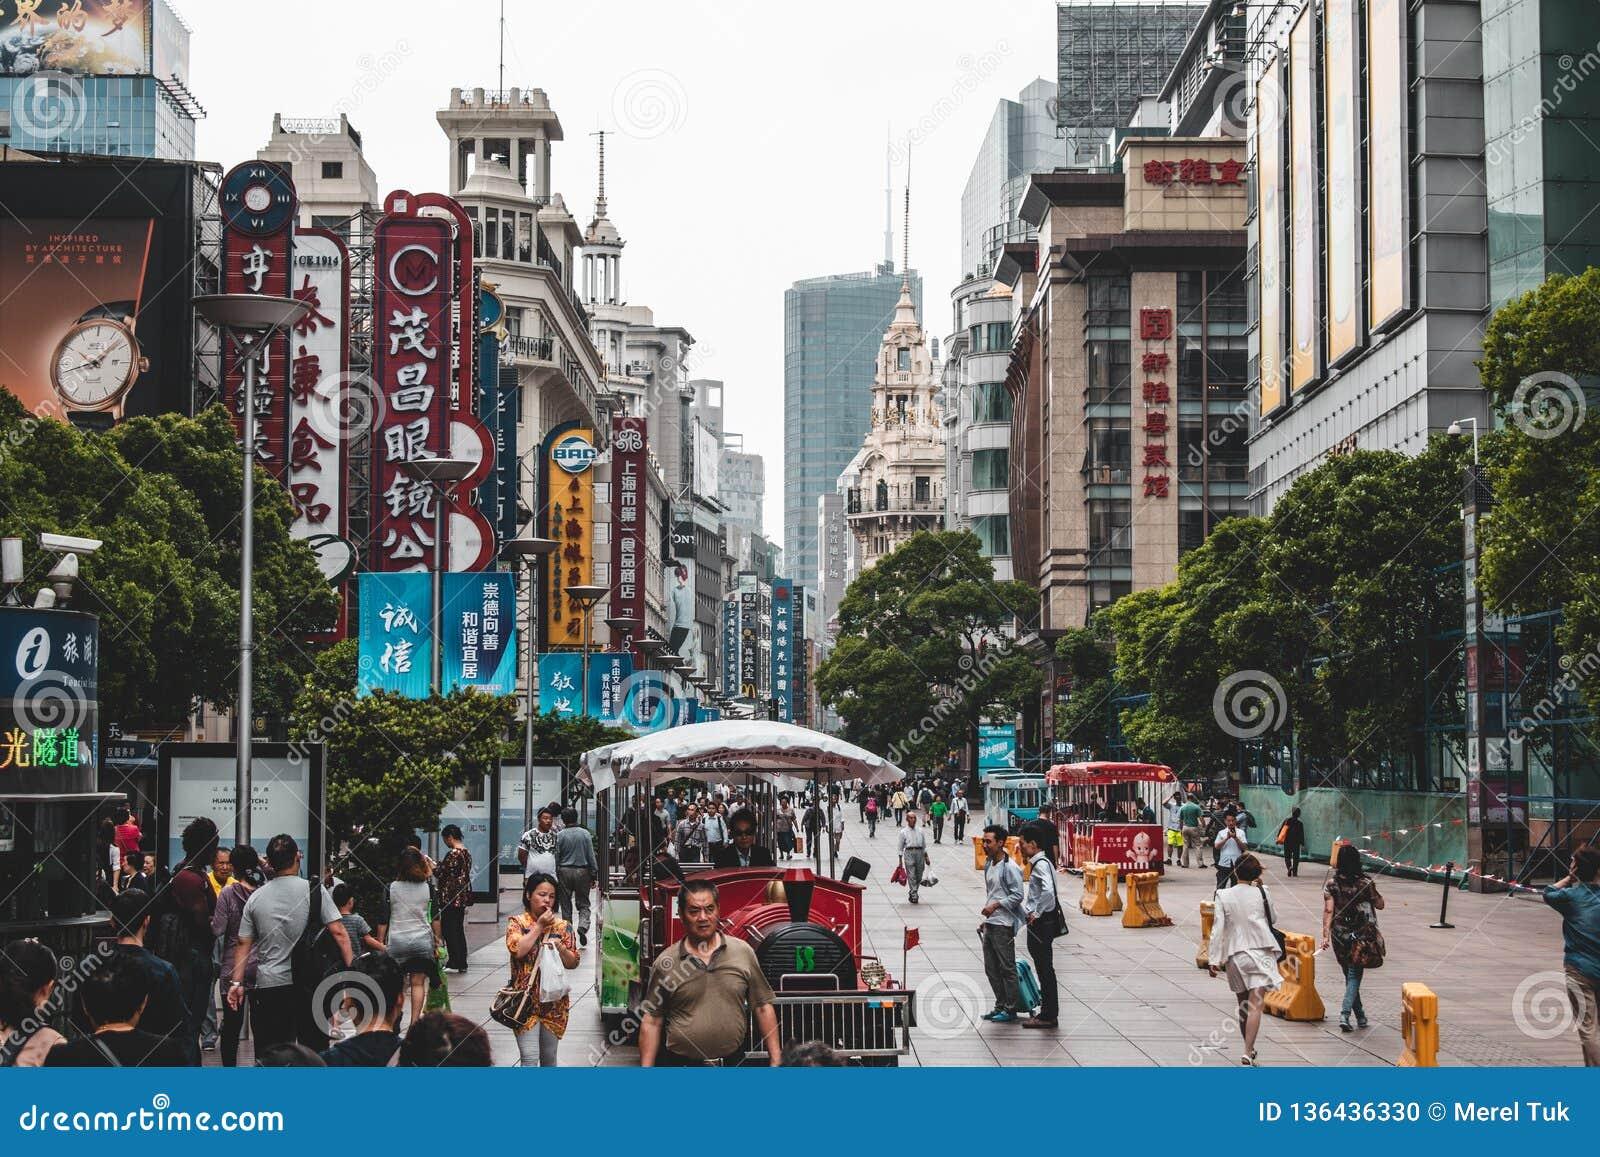 Στο κέντρο της πόλης Σαγκάη όπου οι άνθρωποι περπατούν στις οδούς